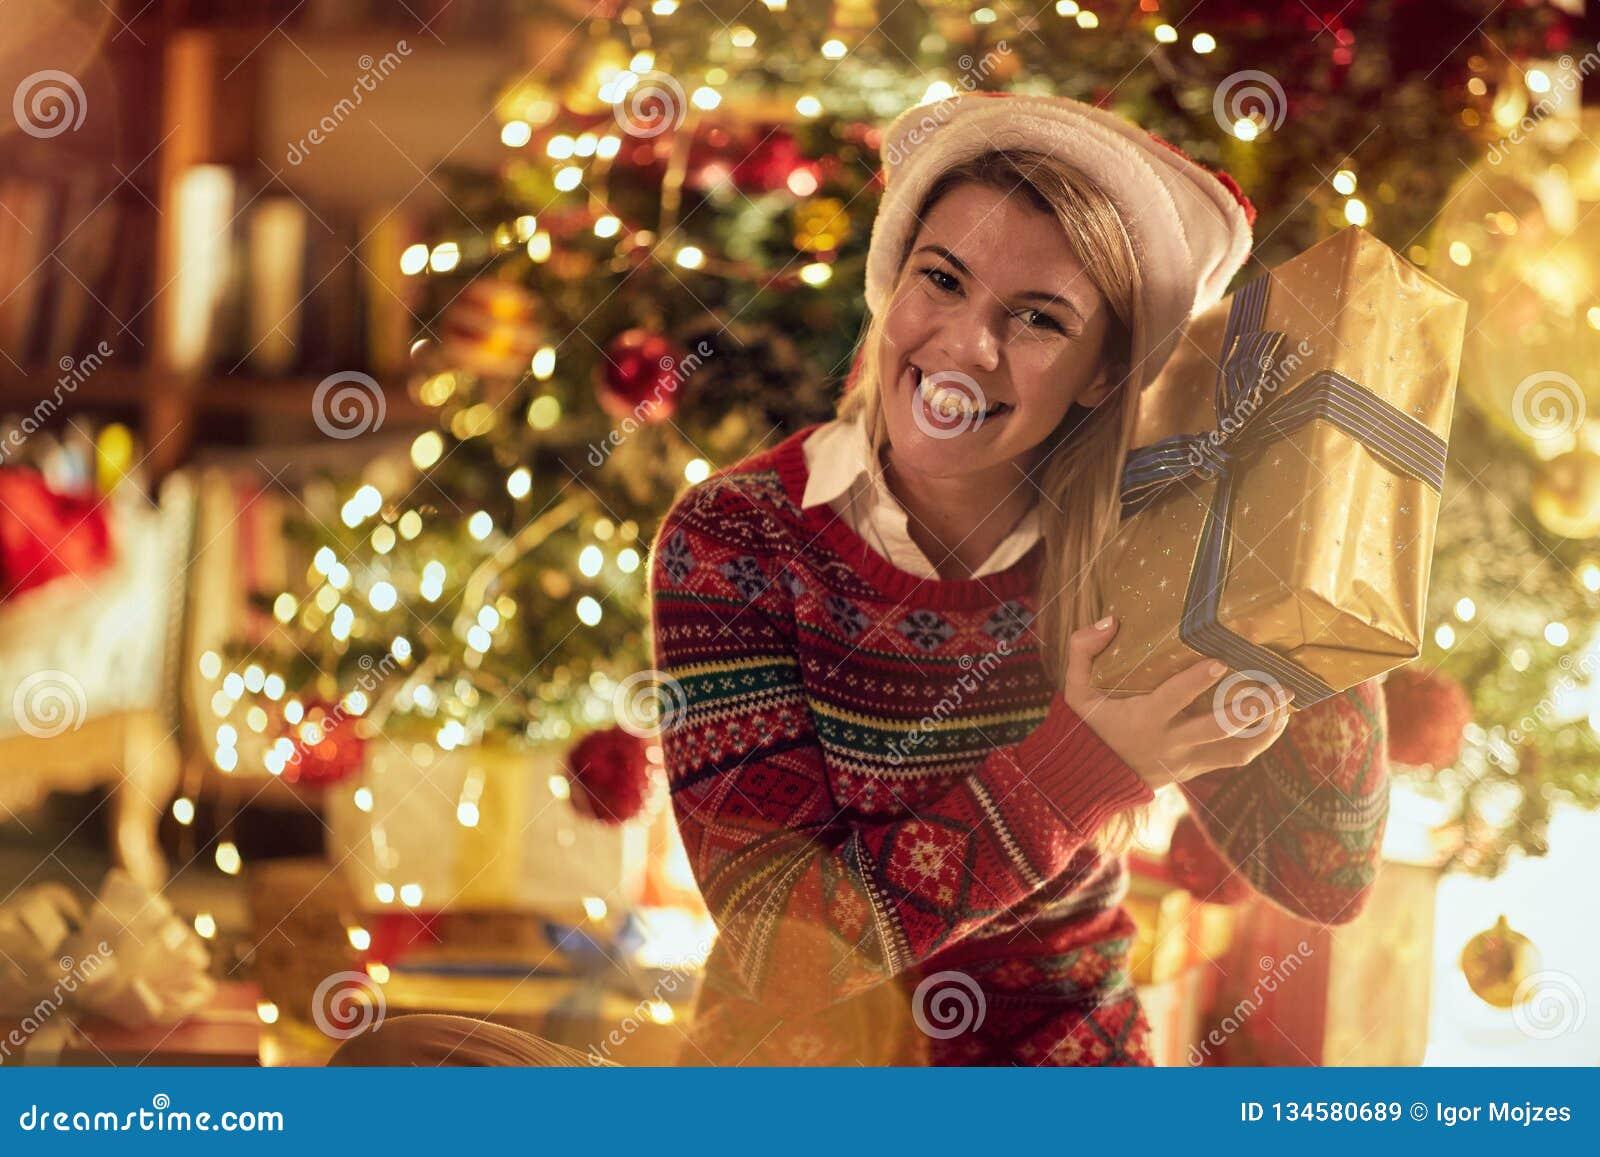 Kvinna i jultomten hatt med julklappar